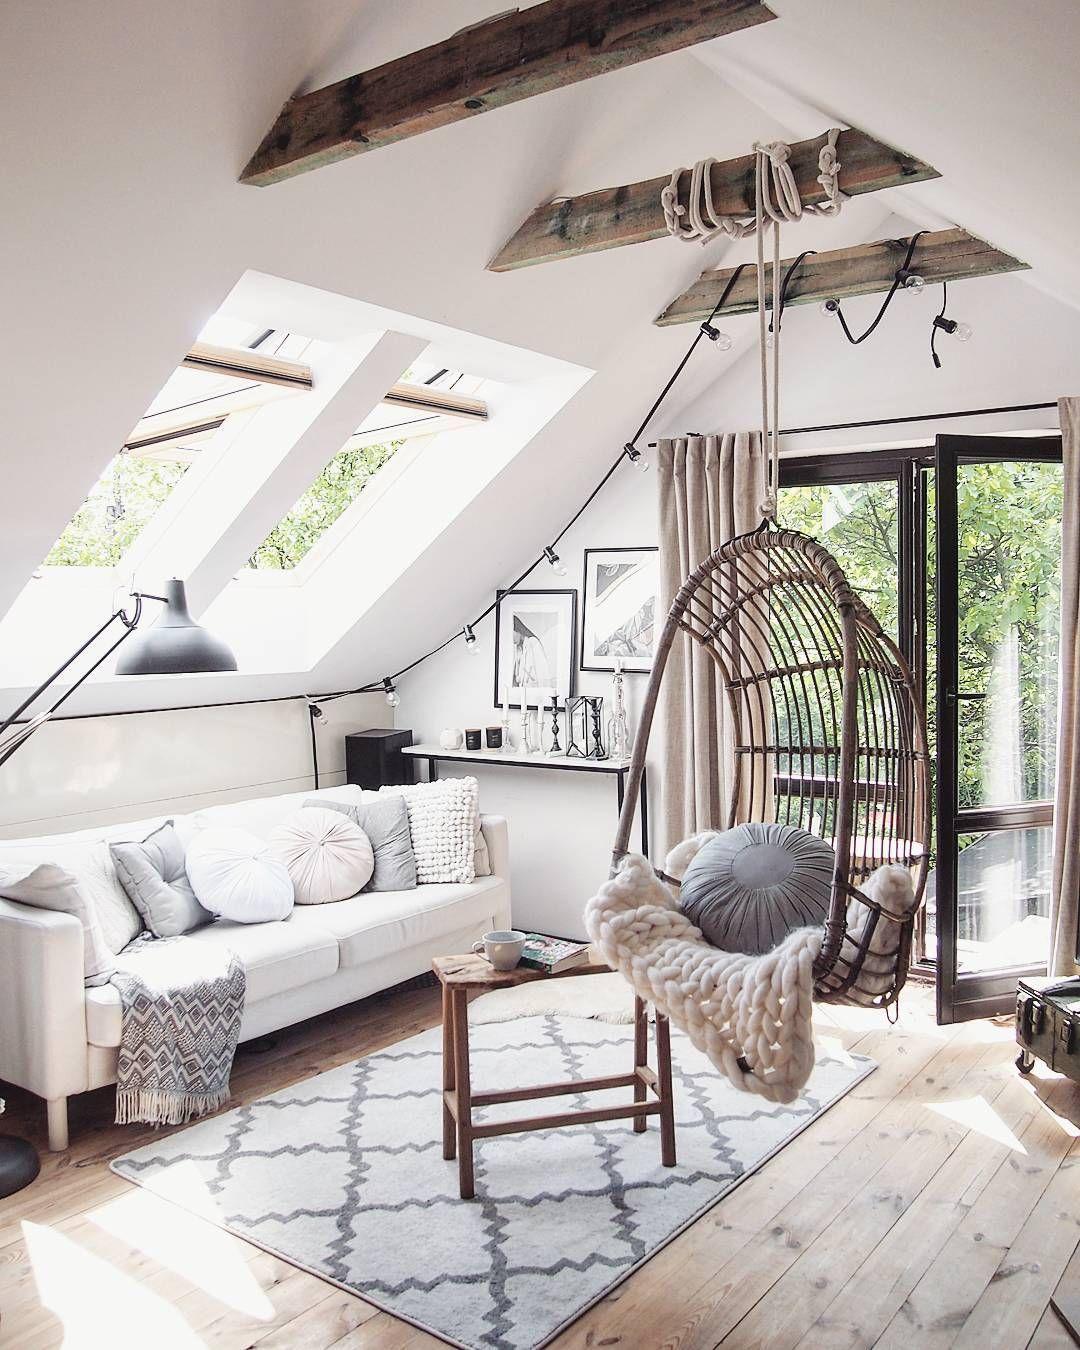 D co salon salon scandinave design contemporain arty c t maison inspiration d co - Salon contemporain design ...